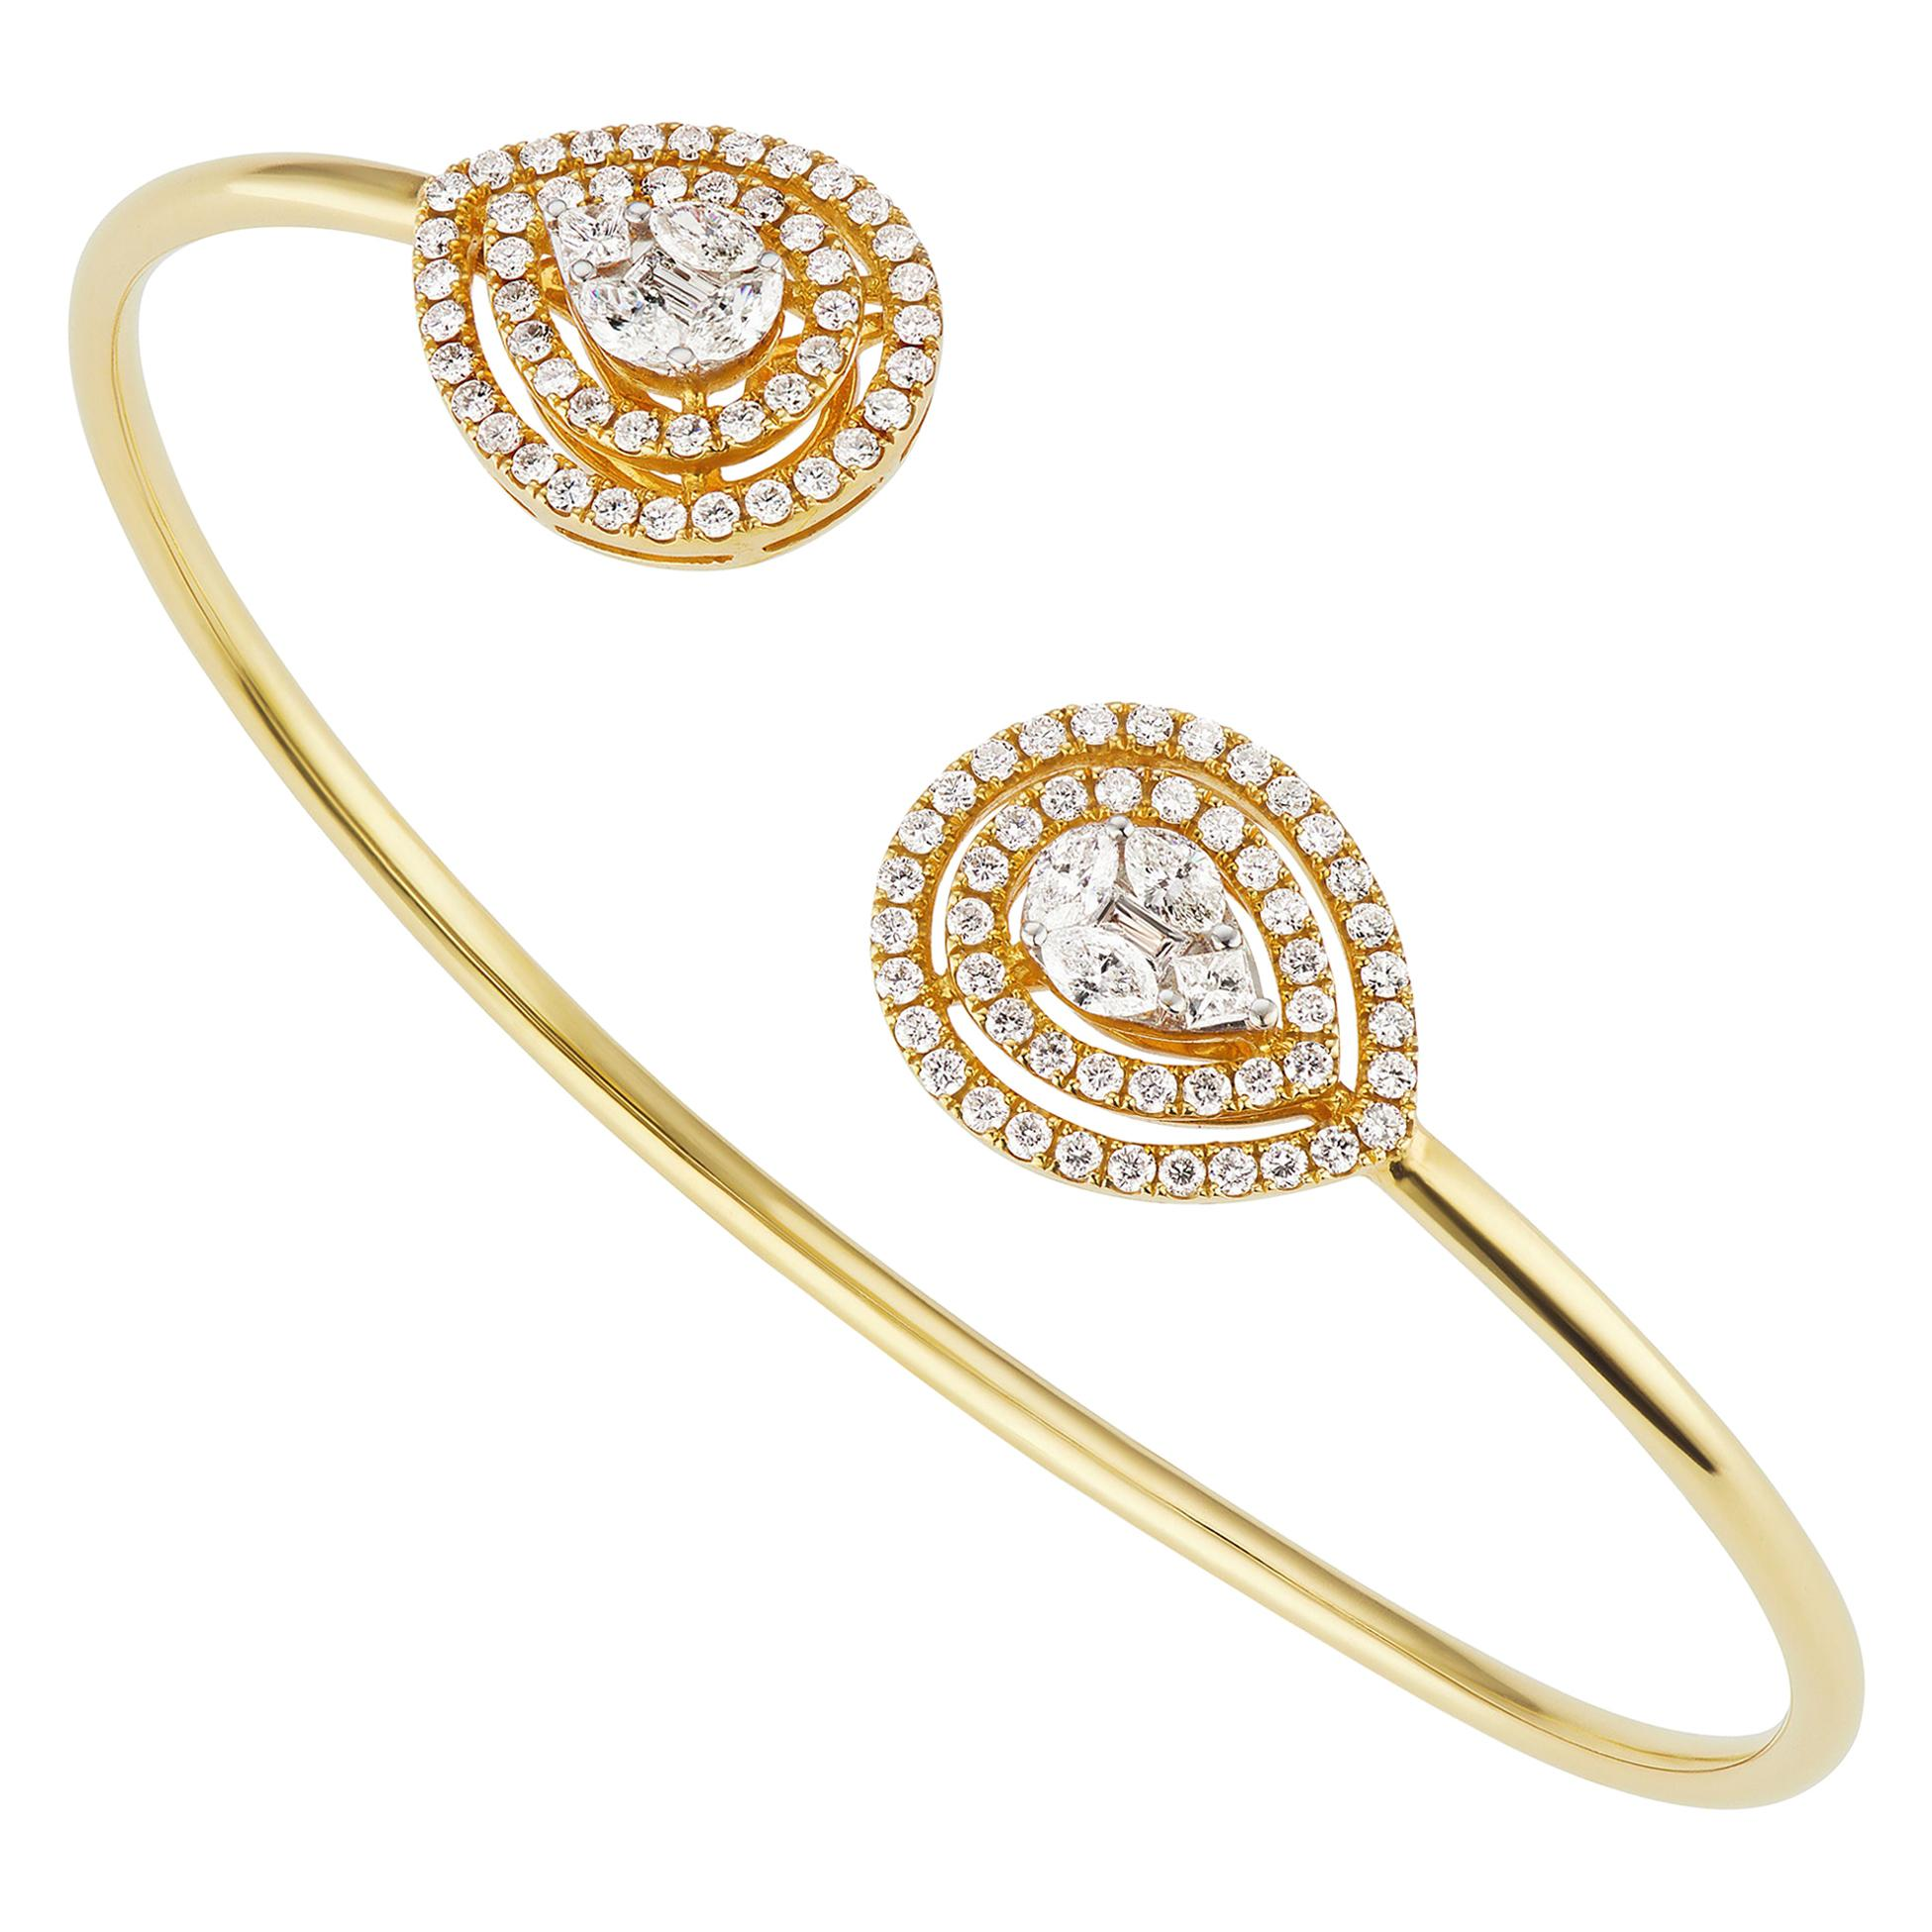 18k Yellow Gold Pave Diamond Cuff Bangle